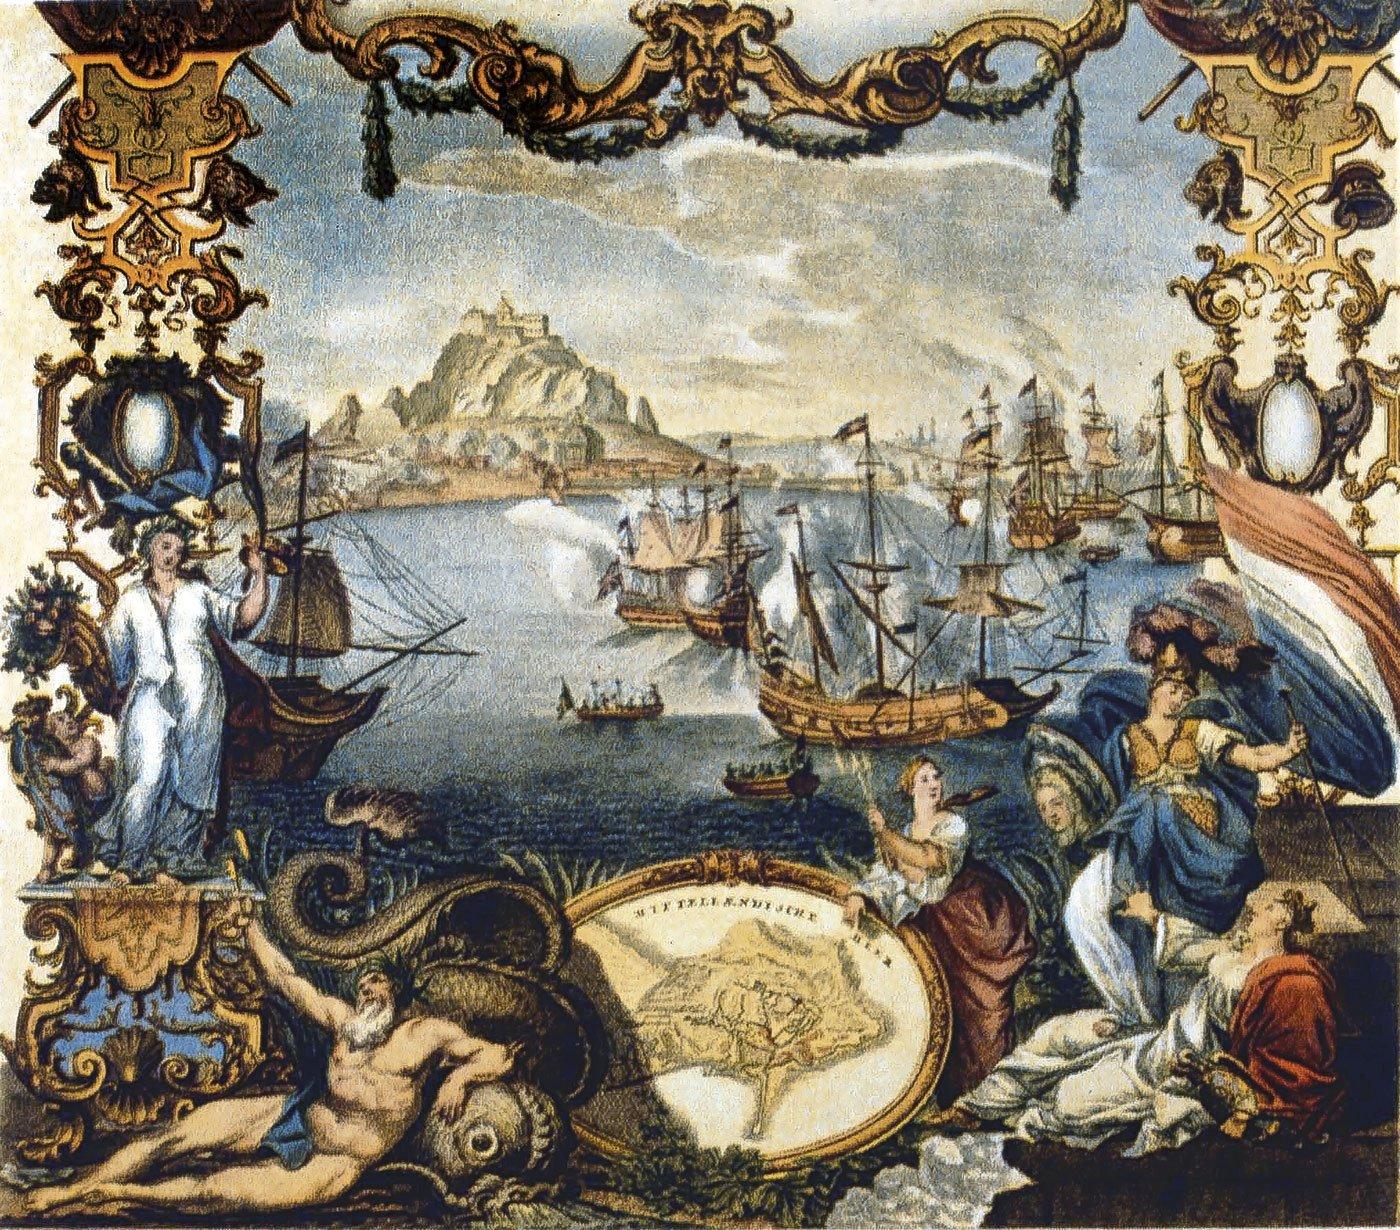 La ocupación de Gibraltar por los ingleses en 1704